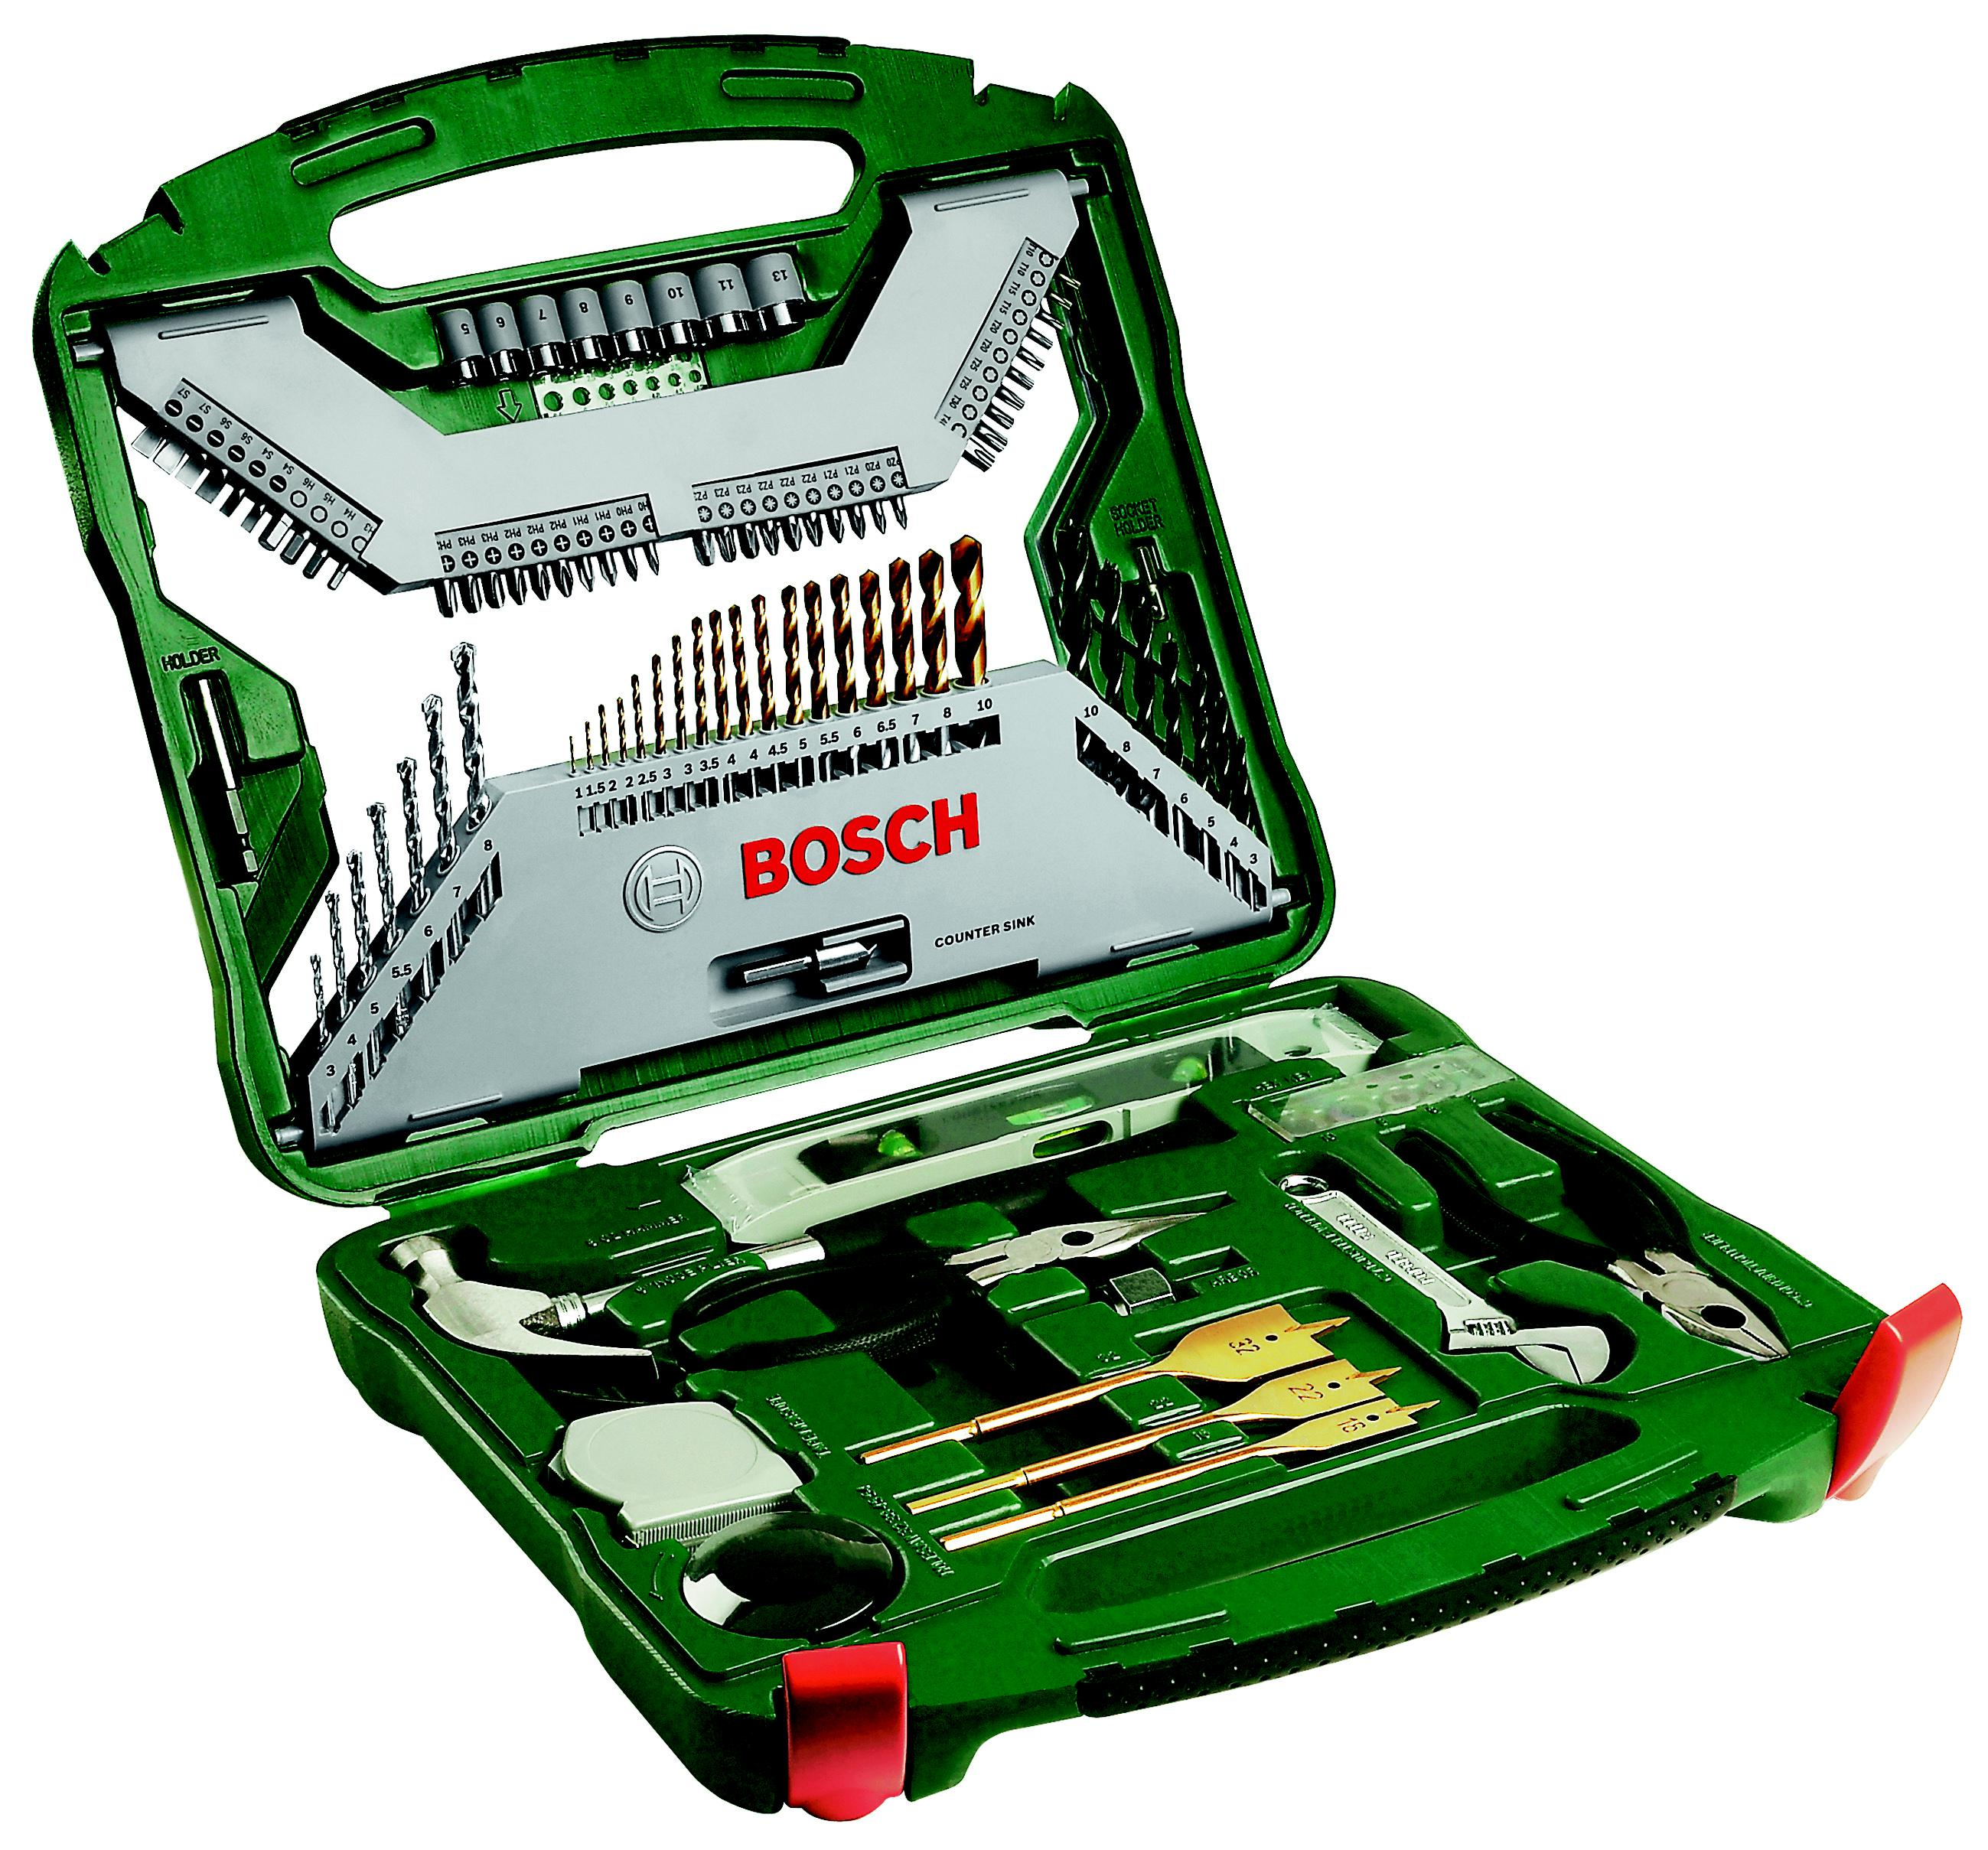 Набор инструментов Bosch X-line 103 titanium (2.607.019.331) bosch v line 91 2607017195